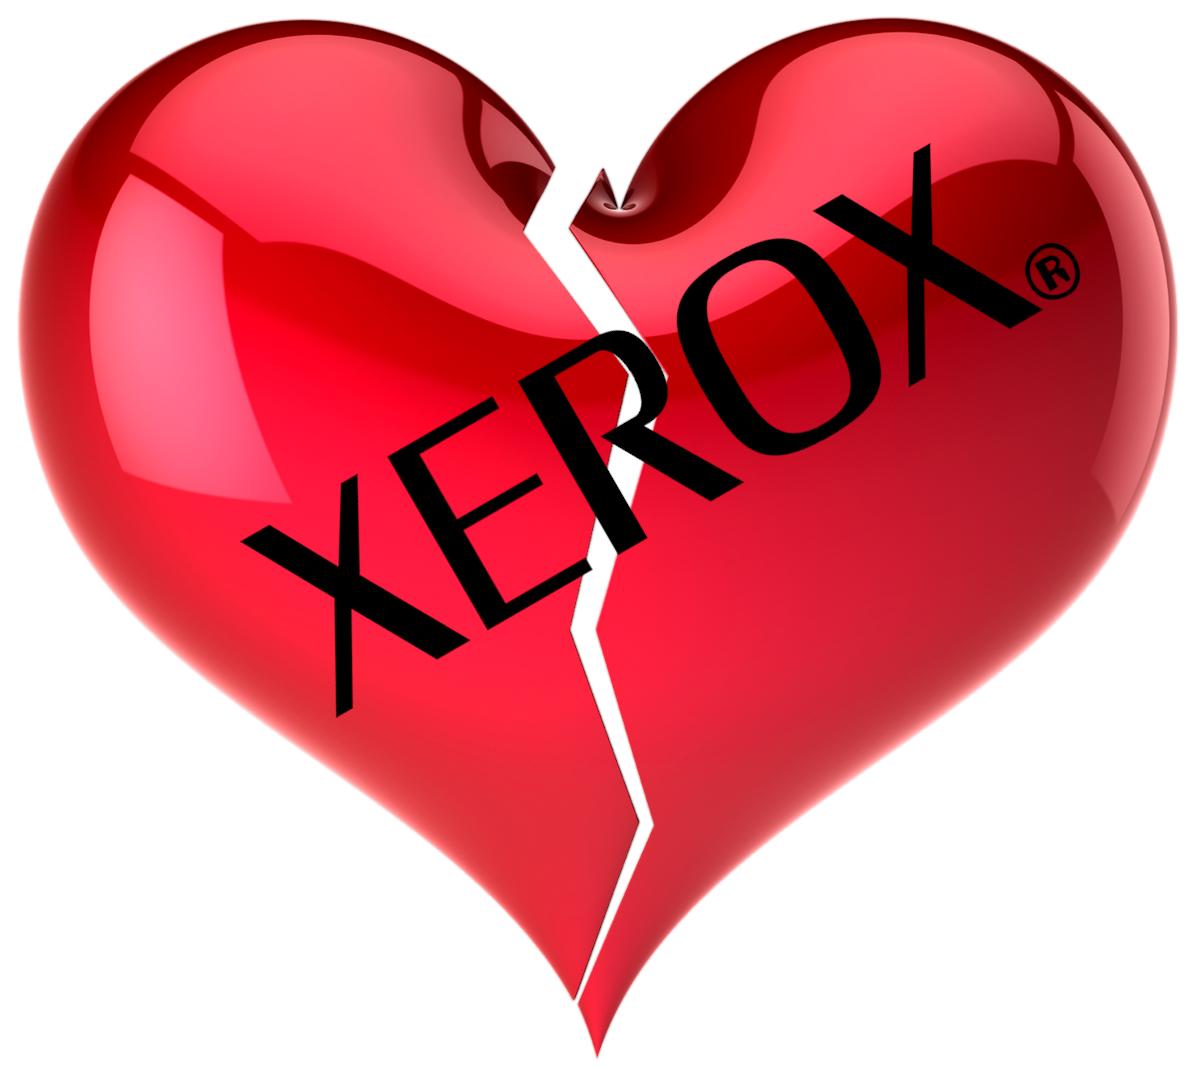 Am I Next? Xerox Layoffs